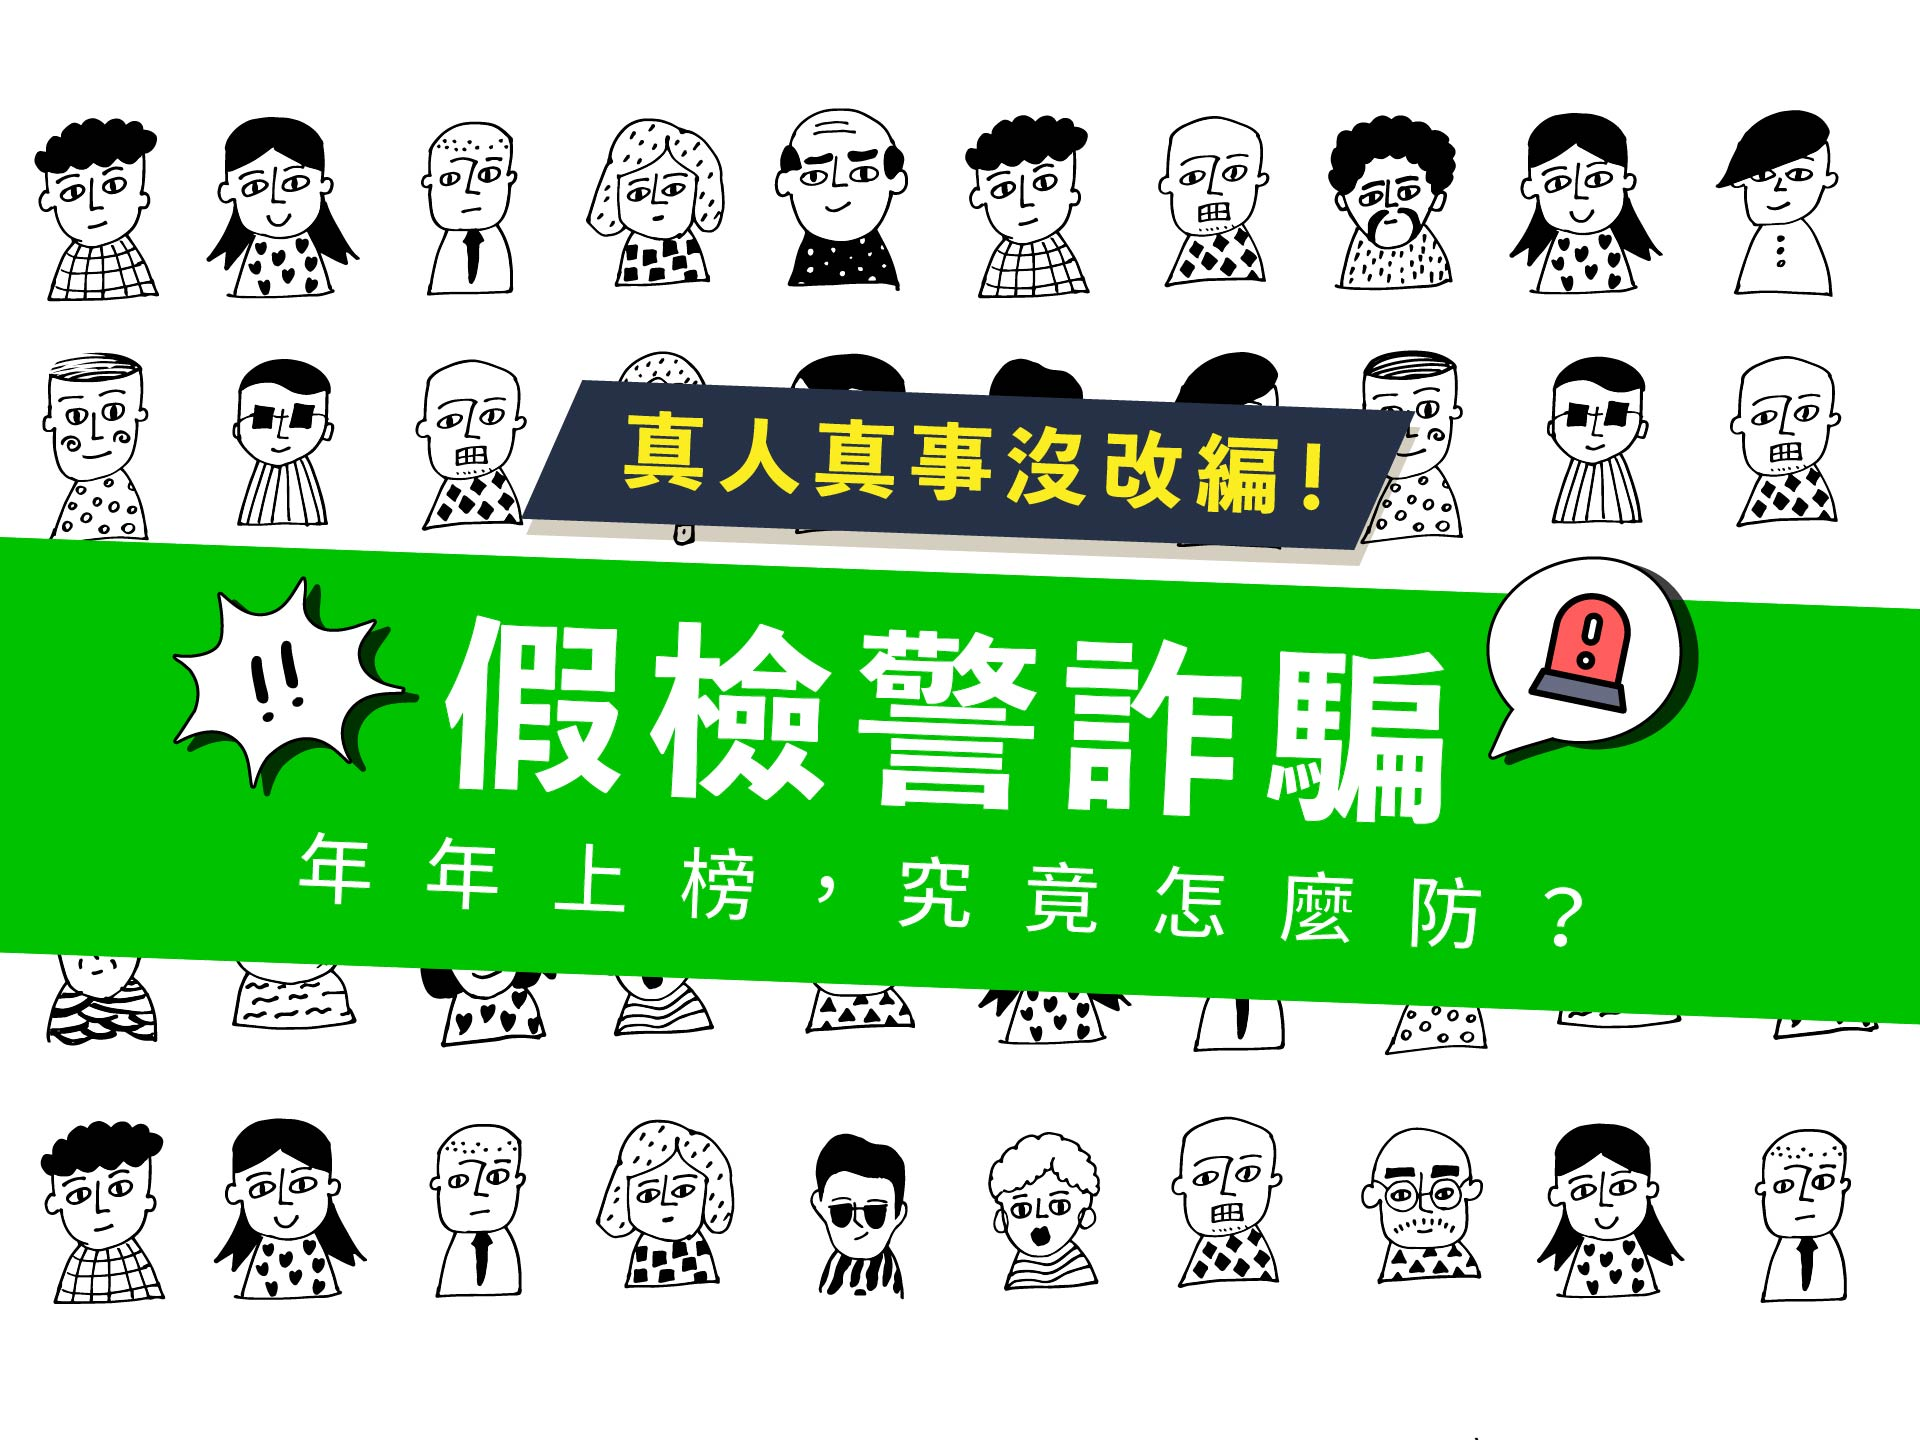 【Whoscall × 165查詐事件簿】 解密假檢警詐騙,慎防財產損失!